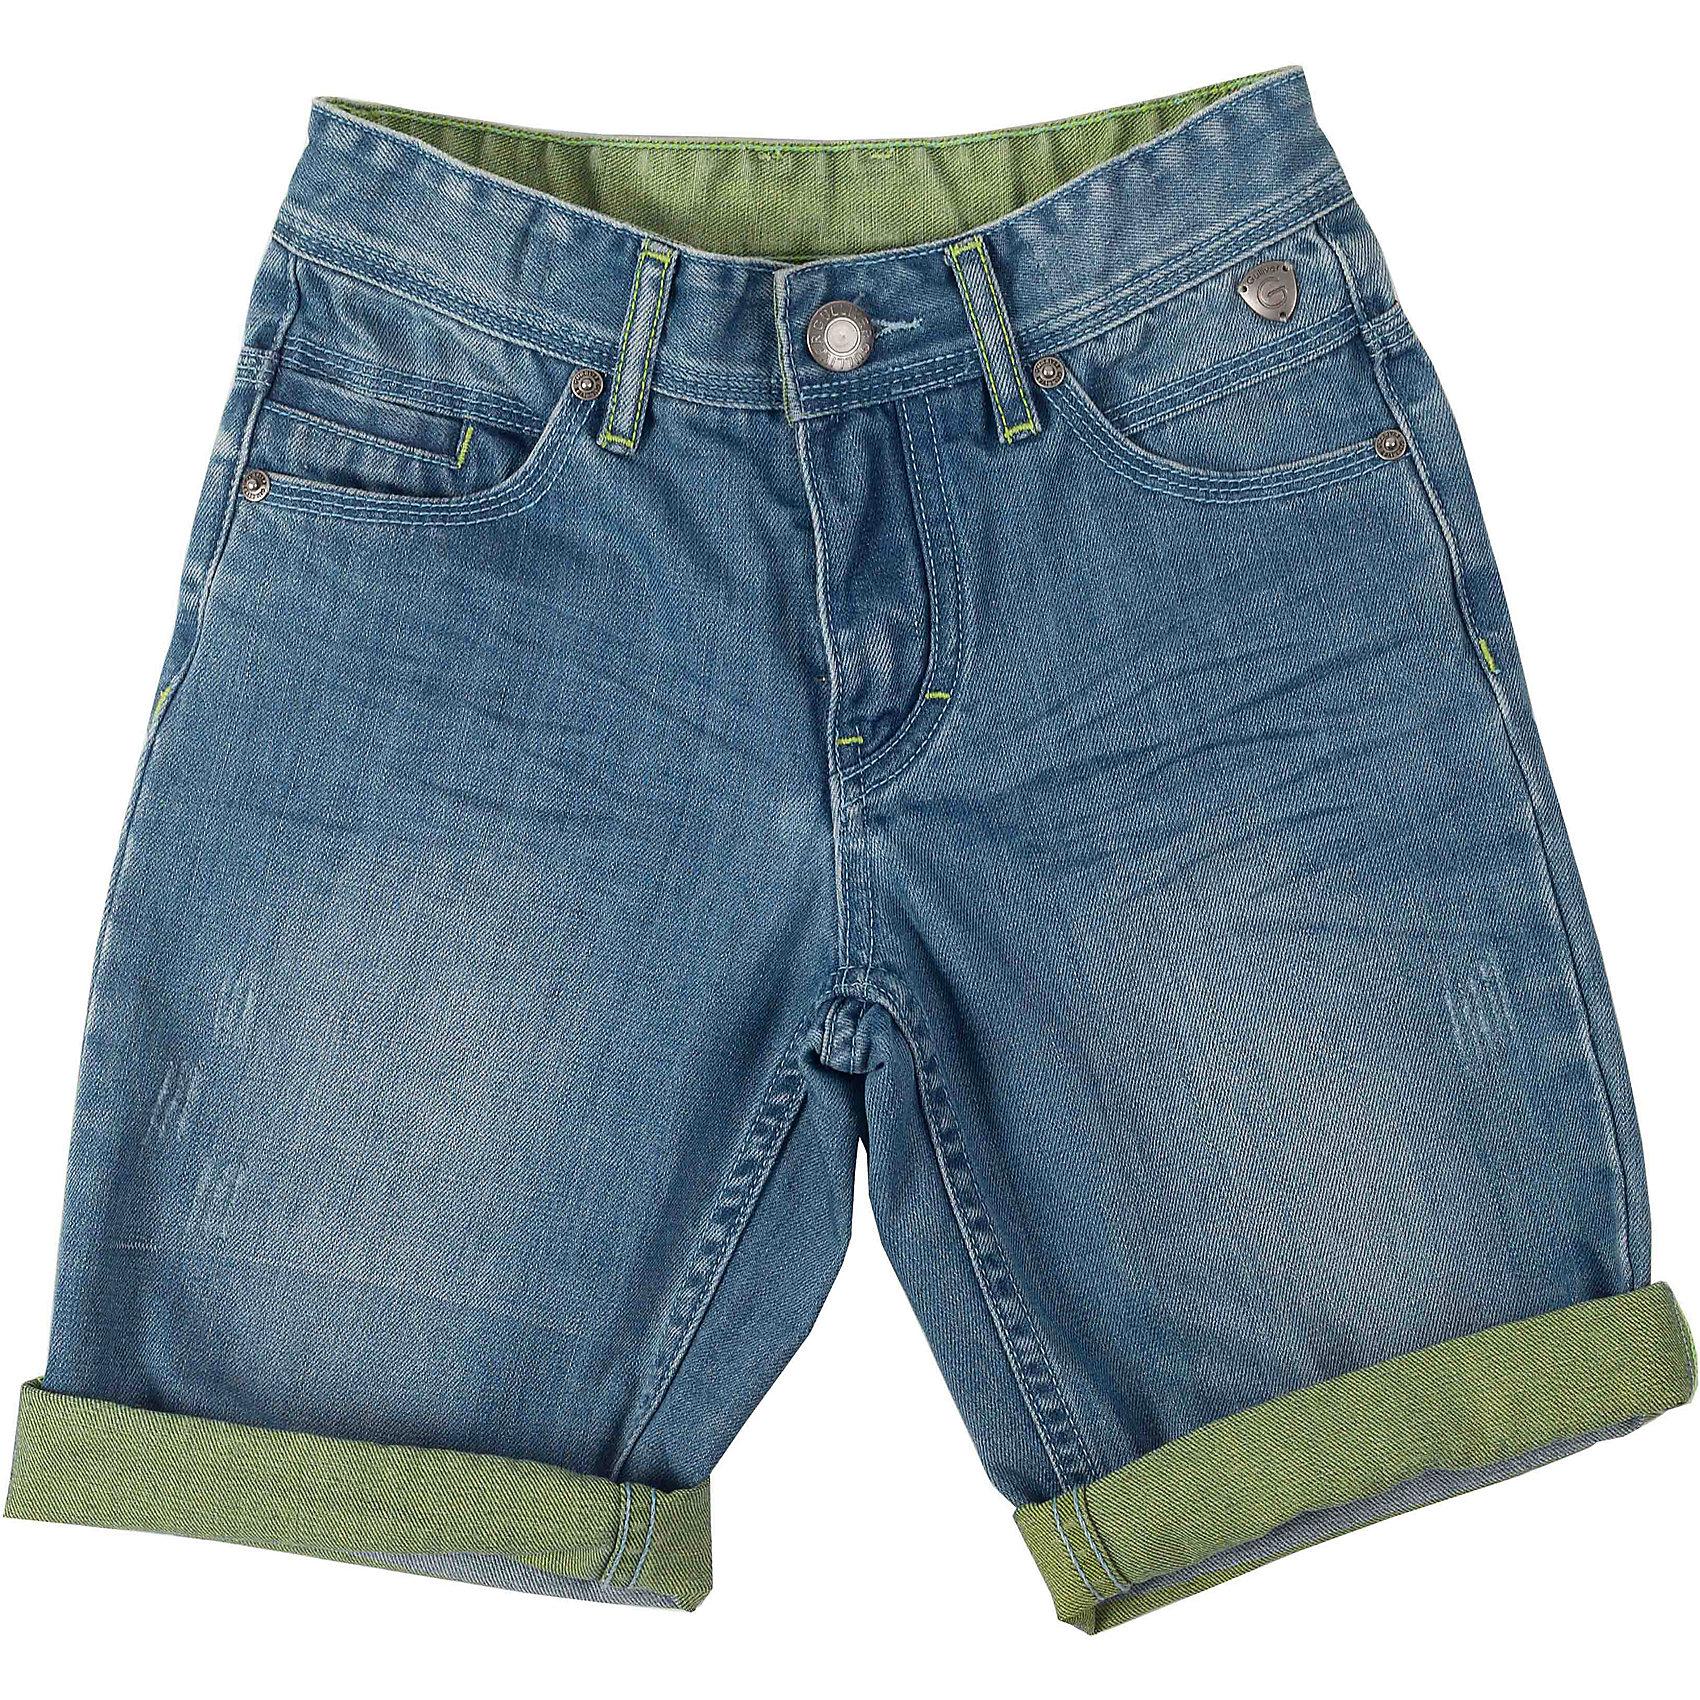 Шорты джинсовые для мальчика GulliverШорты, бриджи, капри<br>Как угнаться за детской модой? Мы только привыкли к повреждениям, потертостям и заплаткам на детских джинсовых изделиях, но дизайнеры уже придумали что-то новенькое! Голубые джинсовые шорты - непременный атрибут стиля casual, а значит модные джинсовые шорты на мальчика - изделие из разряда must have! Это стильный, комфортный элемент гардероба, идеально подходящий к любой футболке, майке, джемперу. Шорты выполнены из двусторонней джинсы, что позволяет акцентировать внимание на необычных цветных отворотах модели.<br>Состав:<br>80% хлопок 20% полиестер<br><br>Ширина мм: 191<br>Глубина мм: 10<br>Высота мм: 175<br>Вес г: 273<br>Цвет: голубой<br>Возраст от месяцев: 144<br>Возраст до месяцев: 156<br>Пол: Мужской<br>Возраст: Детский<br>Размер: 158,146,134,152,140,128<br>SKU: 4534318